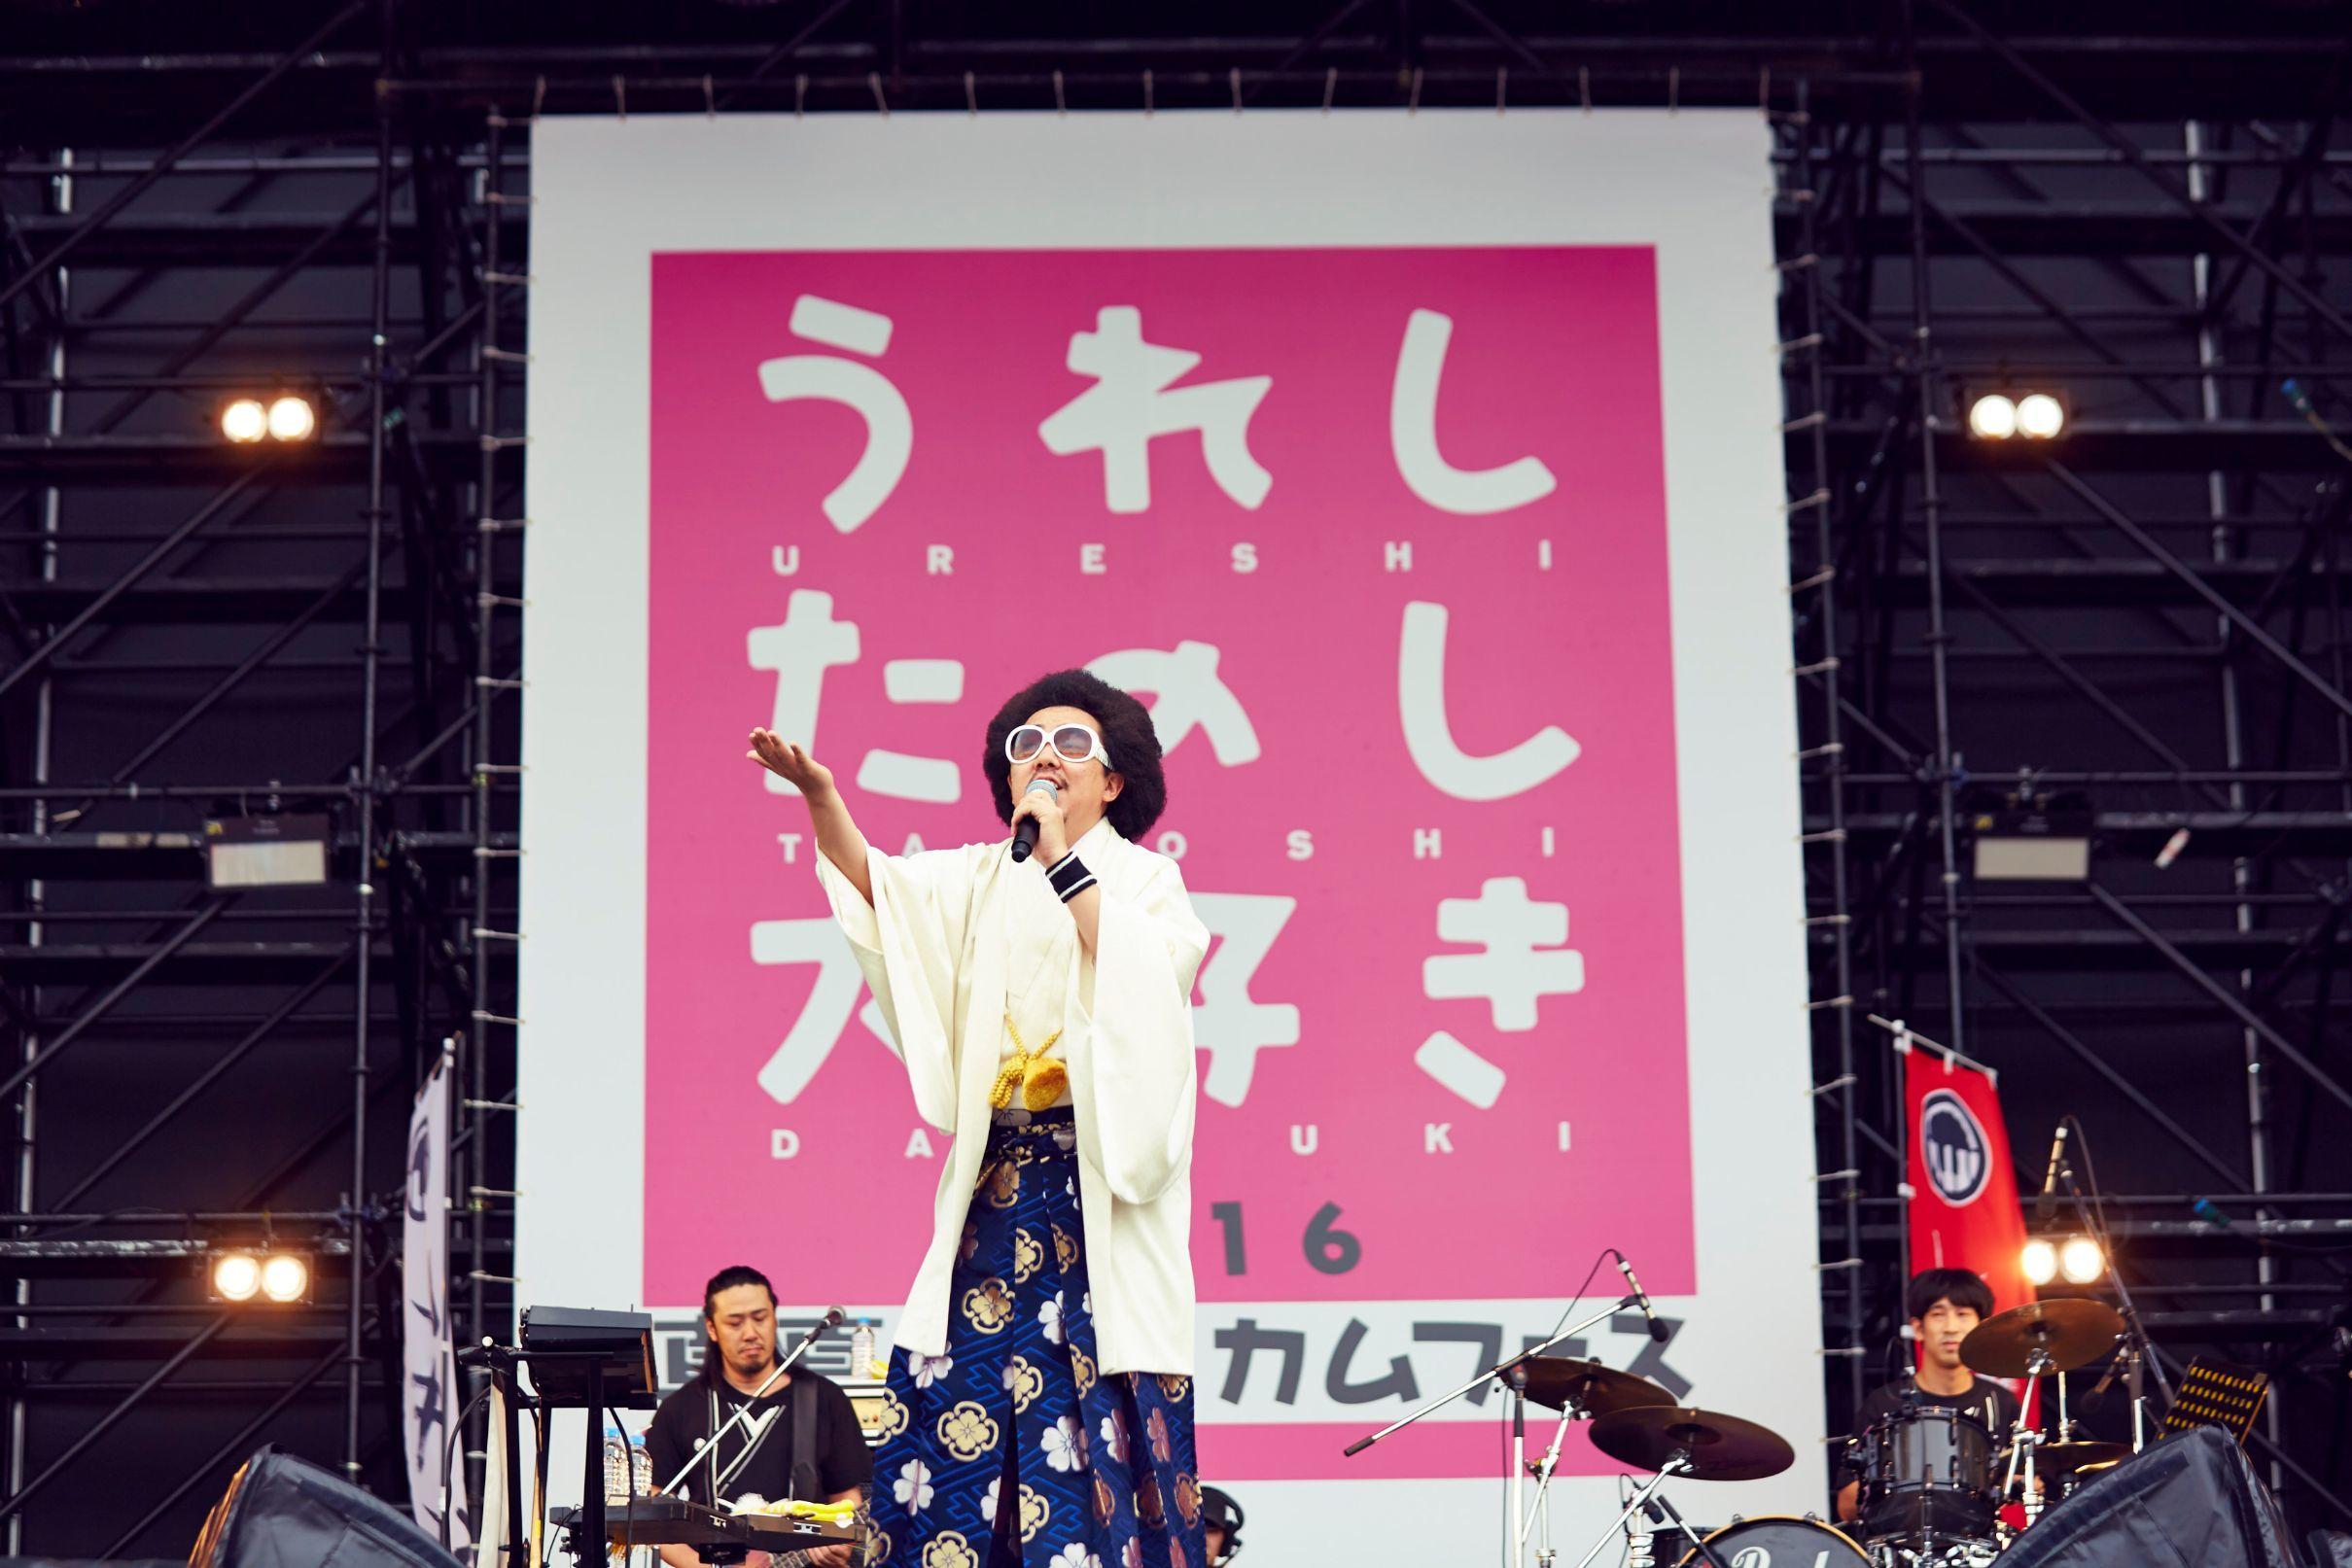 レキシ Photo:植松千波 / 橋本塁(SOUND SHOOTER)